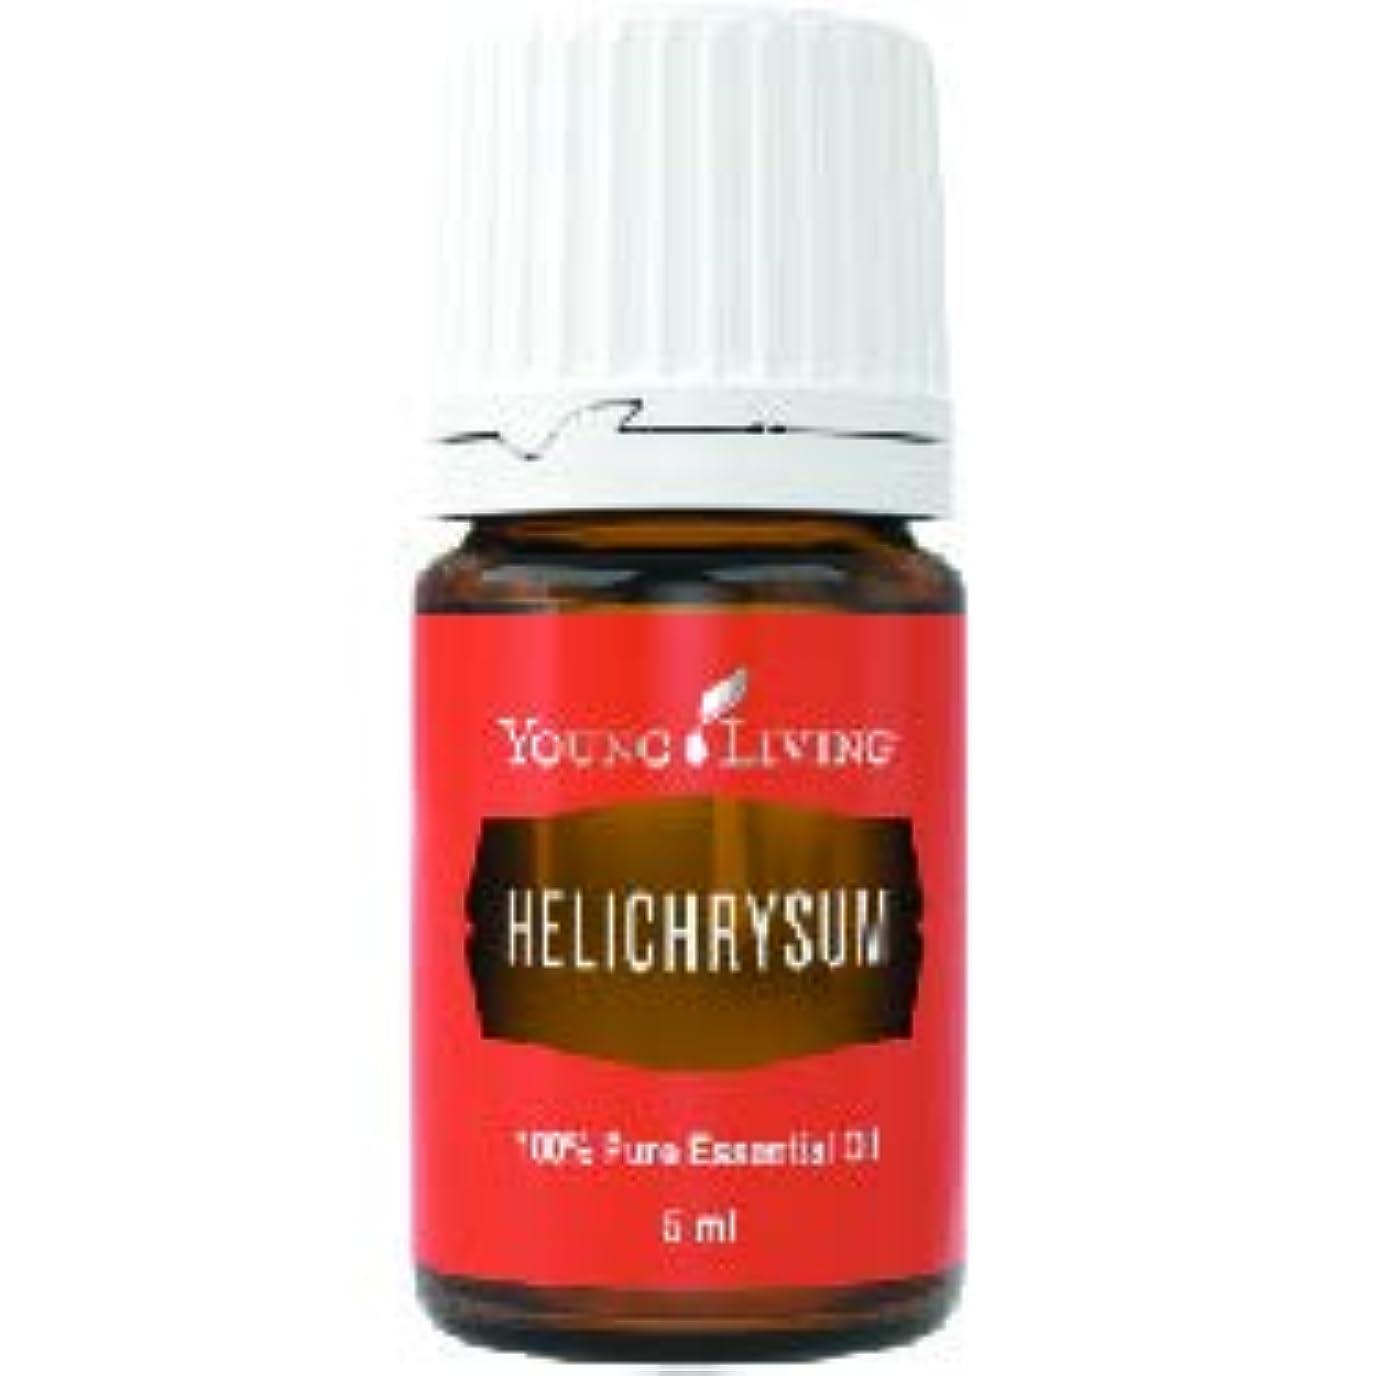 どっちオーケストラサイトヘリクリサムエッセンシャルオイル ヤングリビングエッセンシャルオイルマレーシア5ml Helichrysum Essential Oil 5ml by Young Living Essential Oil Malaysia